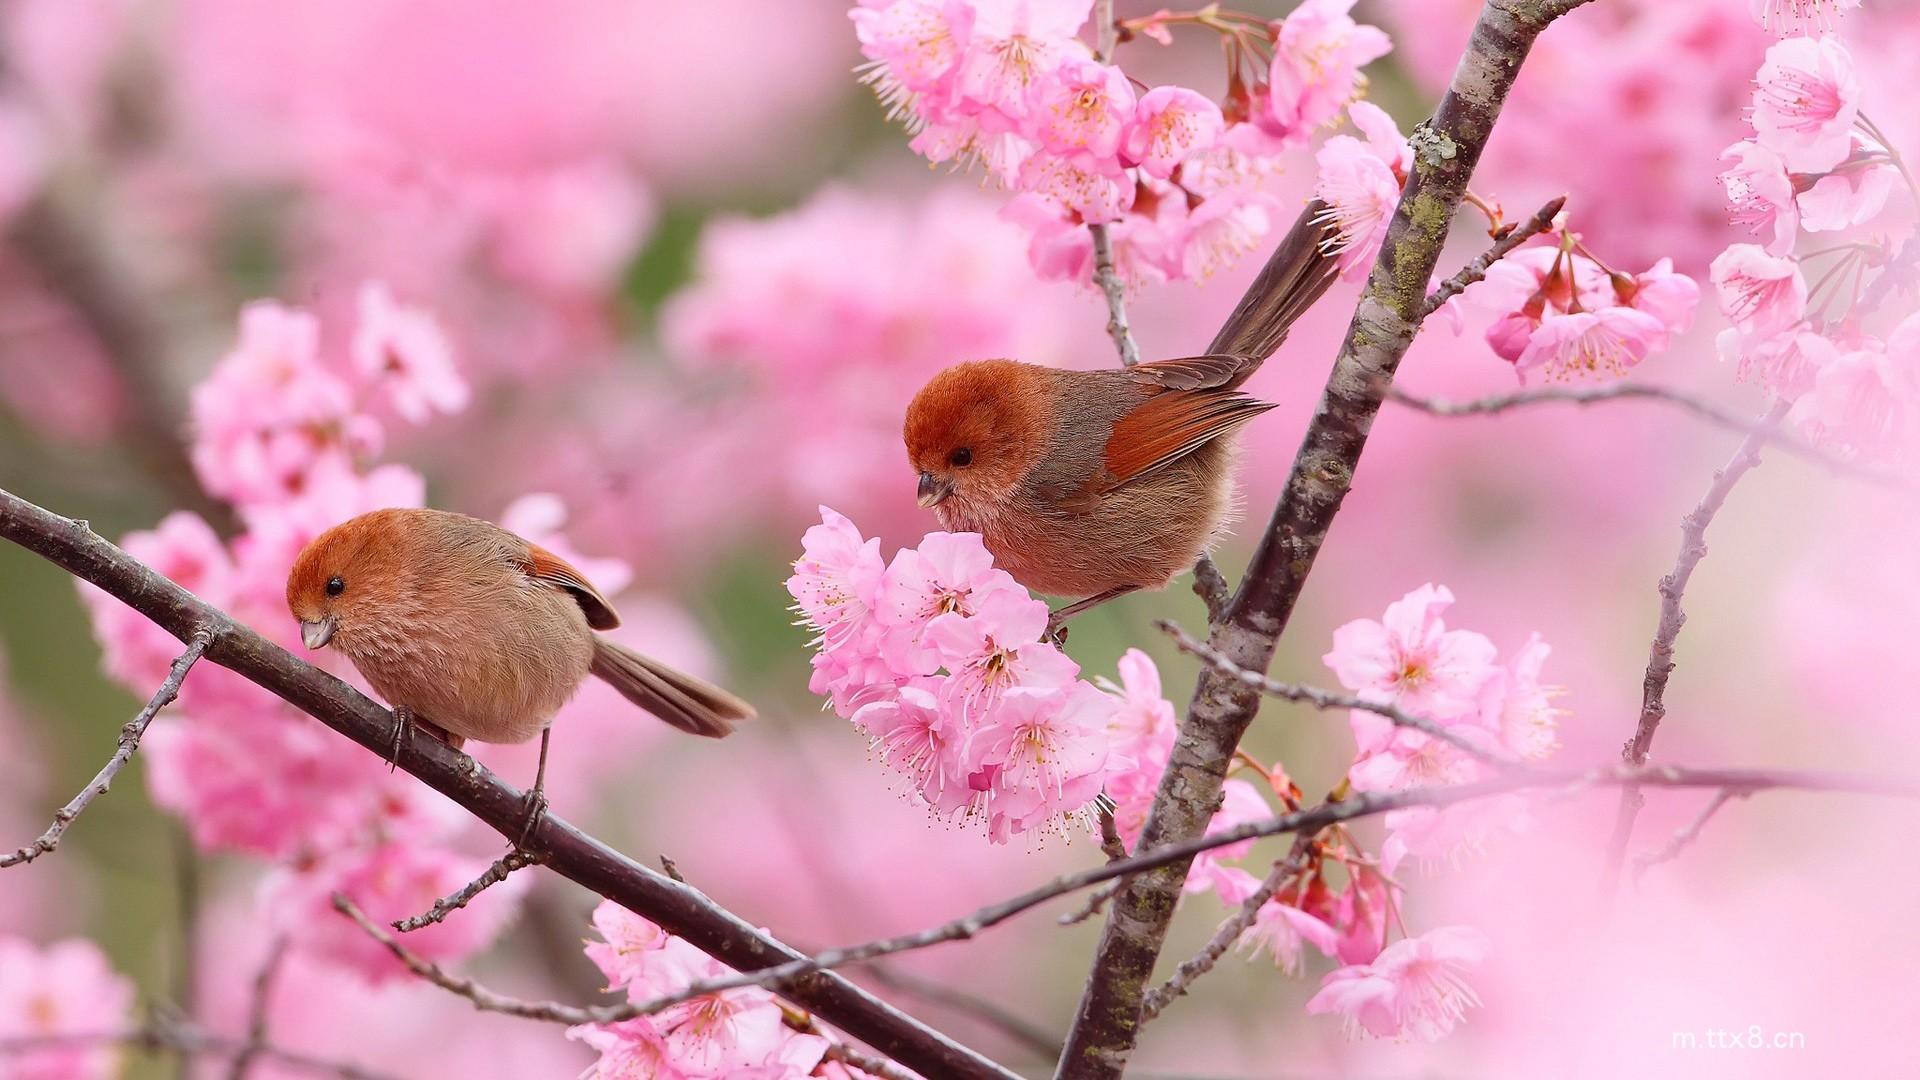 可爱鸟儿与风景融为一体的高清桌面壁纸